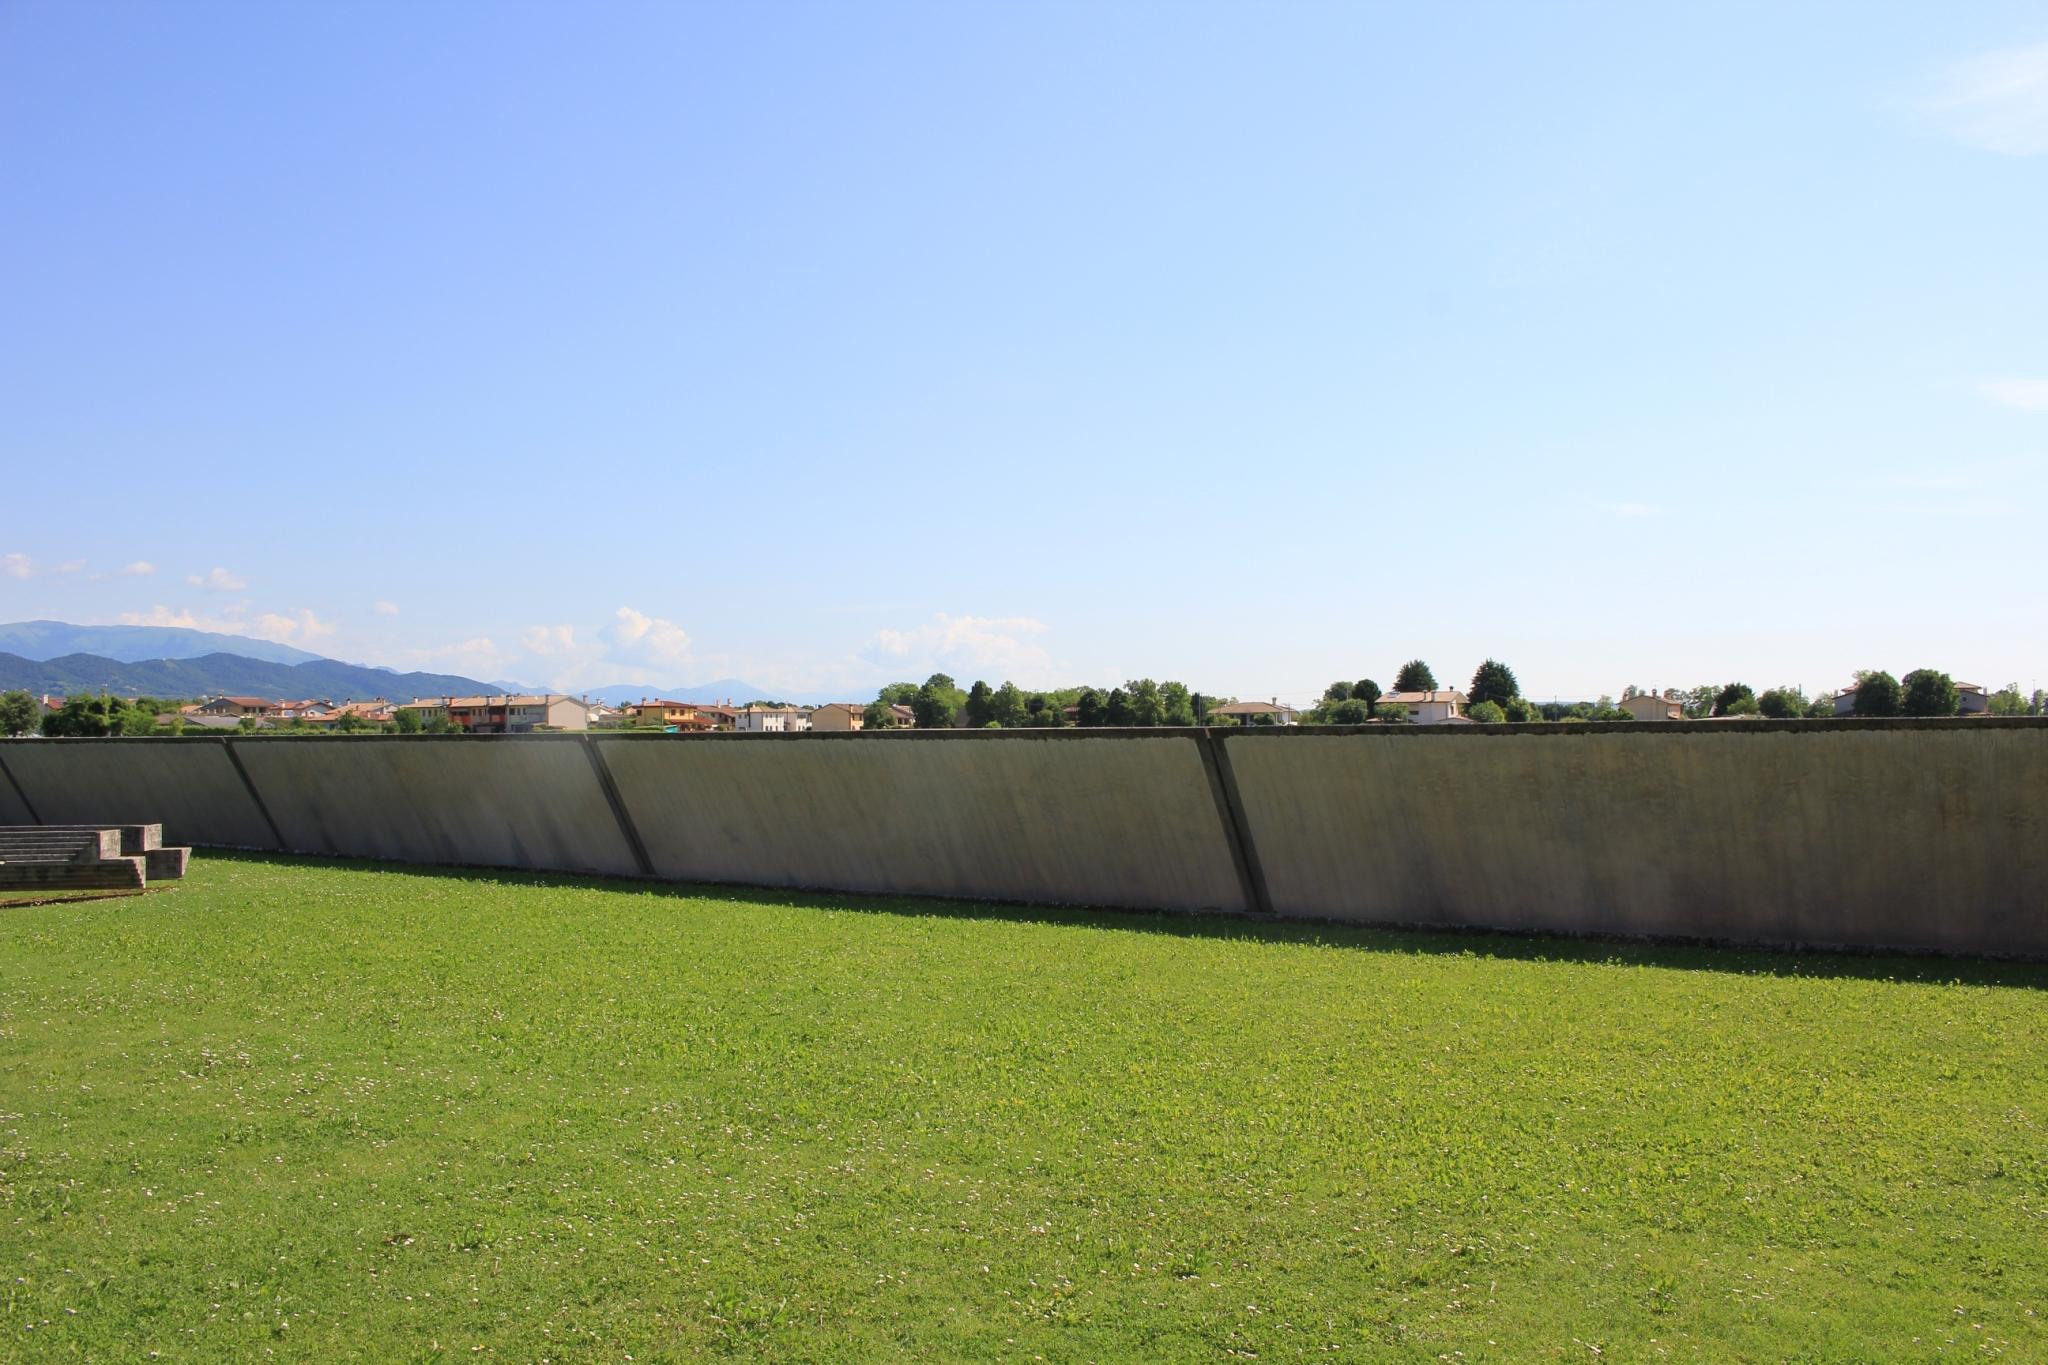 ブリオンベガ墓地22